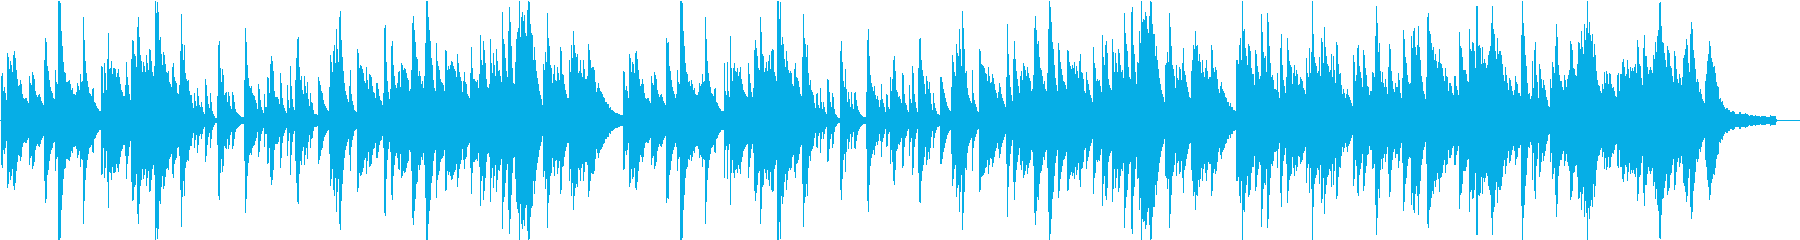 優しい風のようなピアノソロ。3分26秒。の再生済みの波形